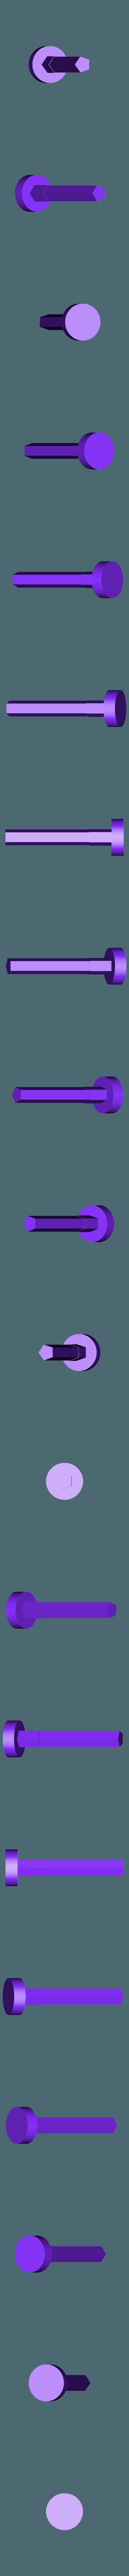 Cybertruck_Mini_Axle_Rim.stl Télécharger fichier STL gratuit Cybertruck (kit carrosserie + châssis imprimable) • Plan pour impression 3D, Superbeasti